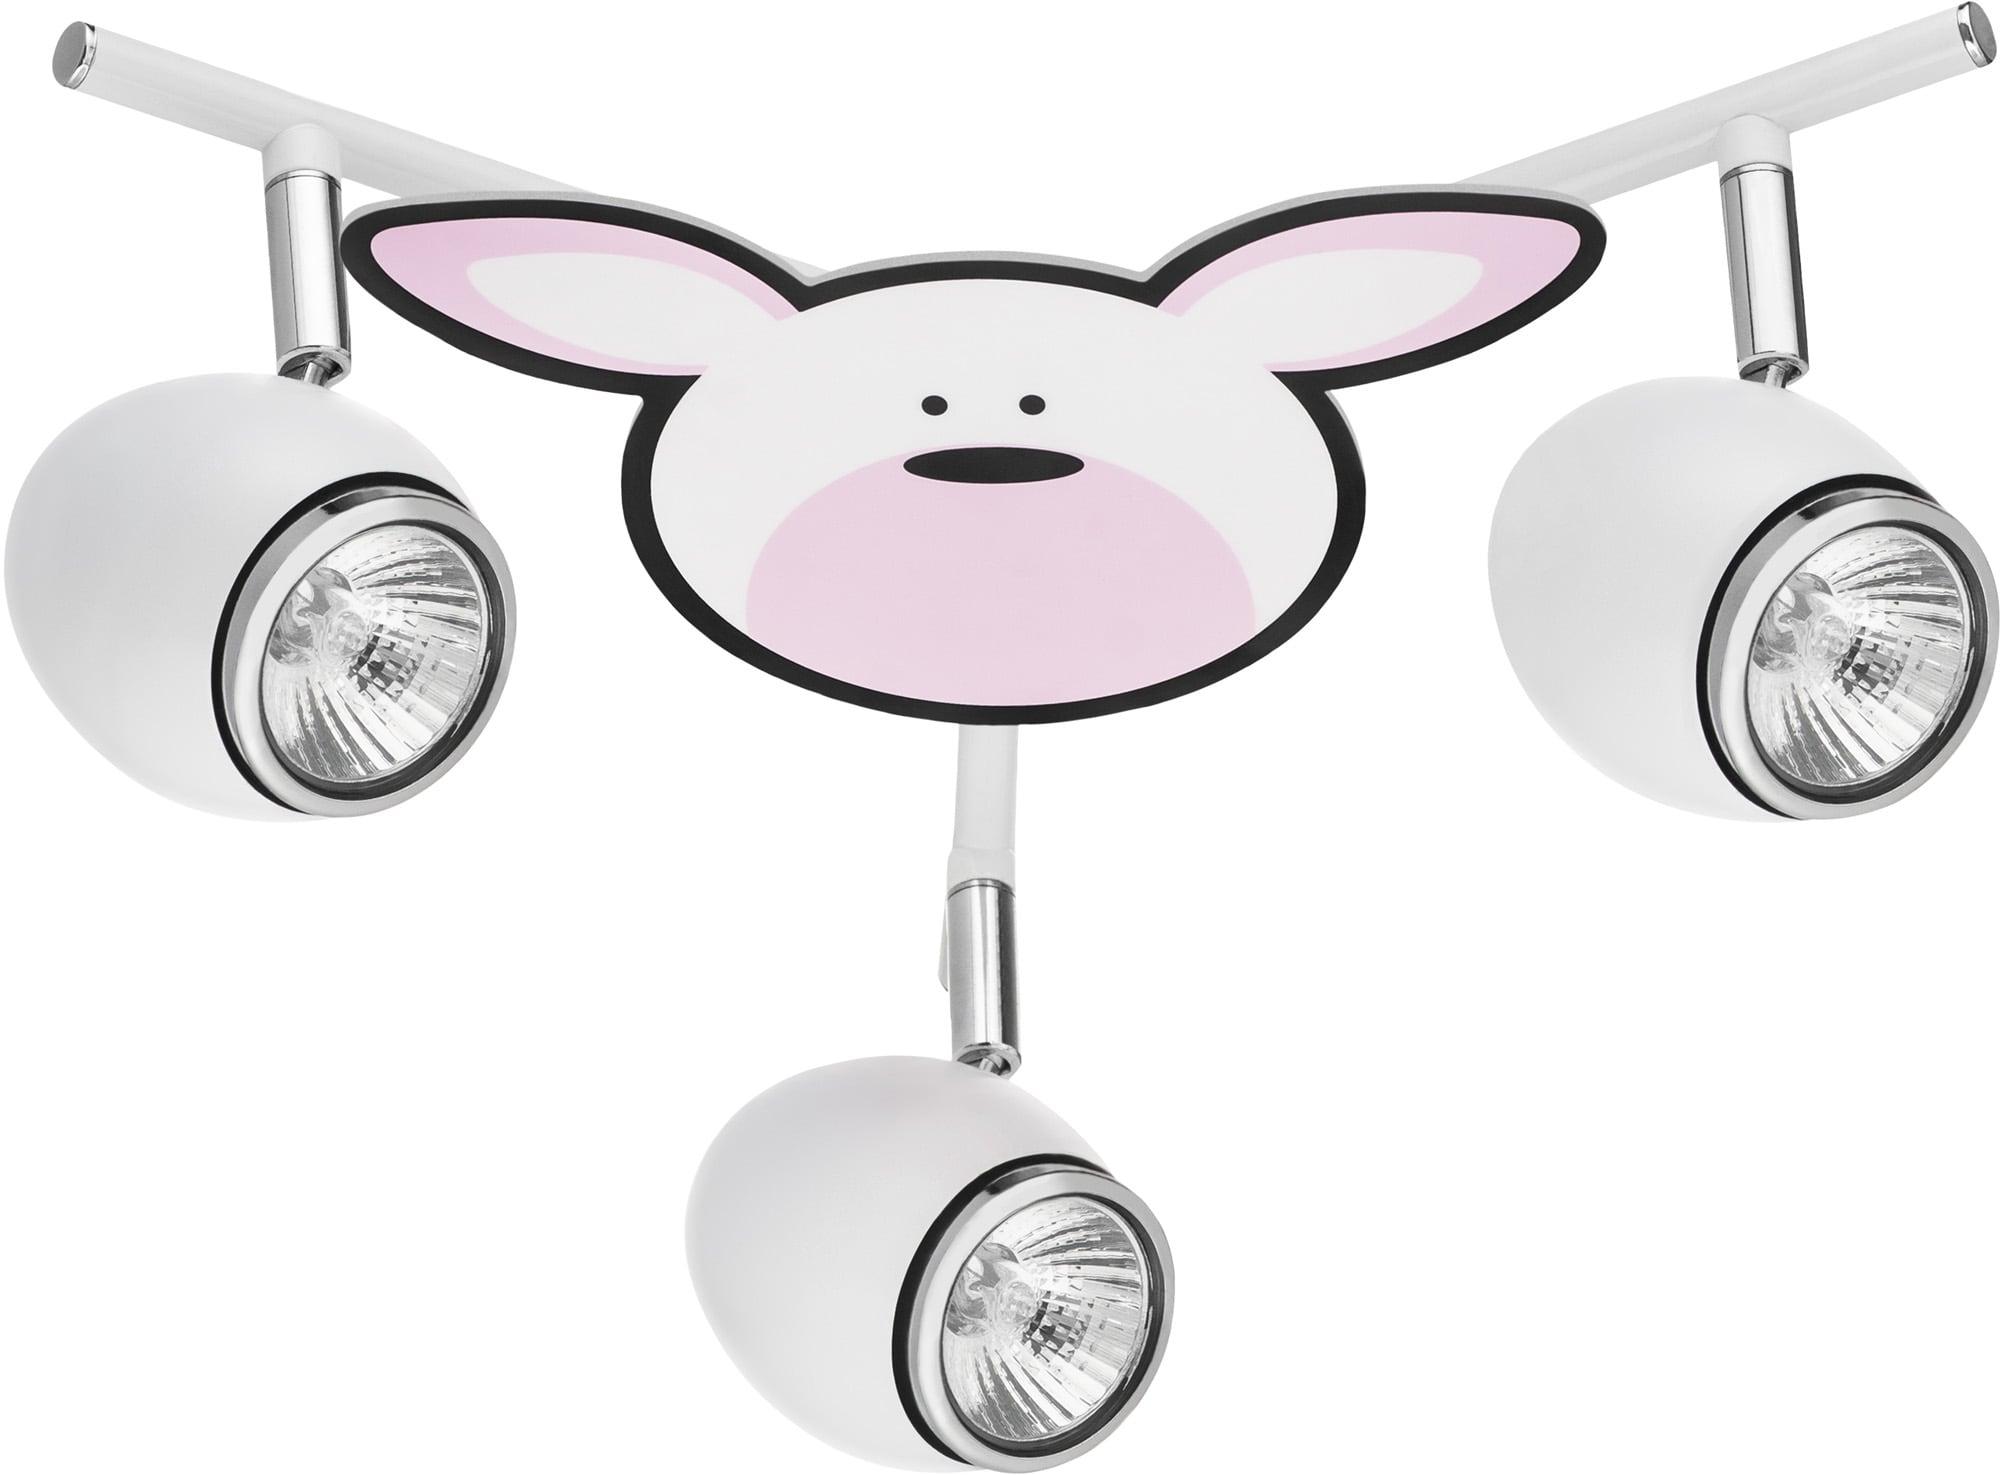 Lamp for child Królik - Rubby biały / chrom 3x50W GU10